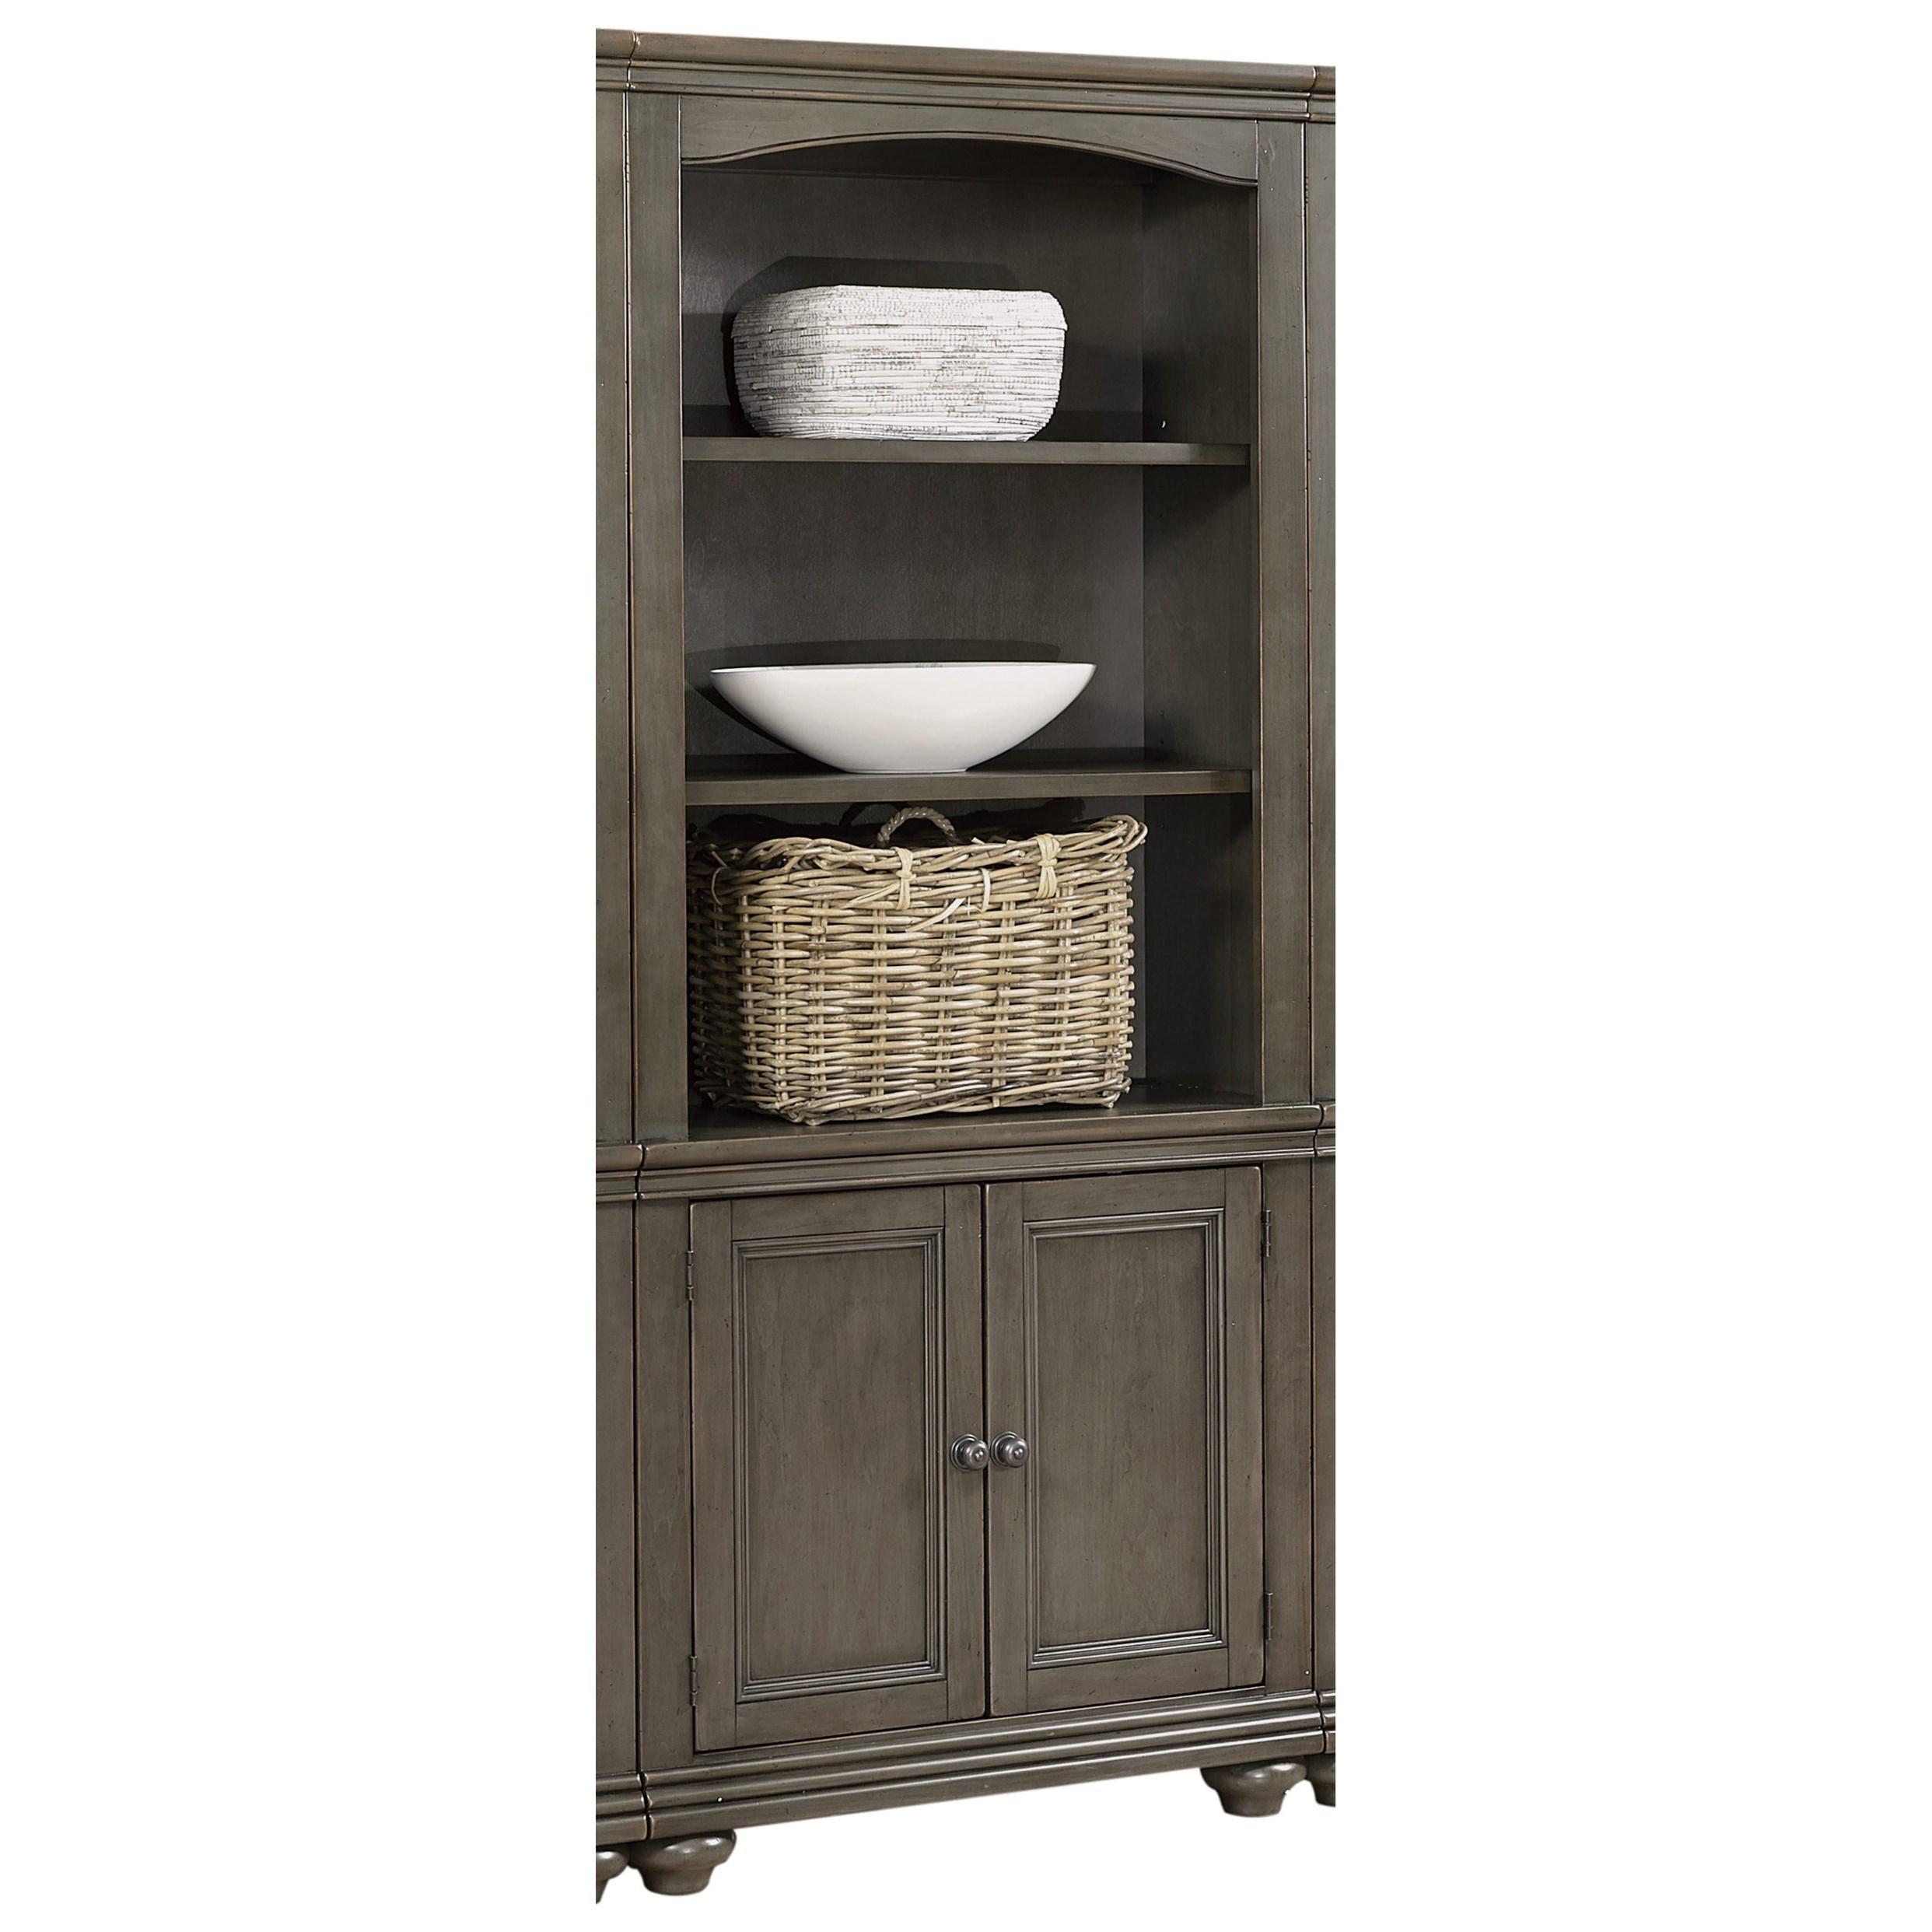 Door Bookcase with Adjustable Shelves